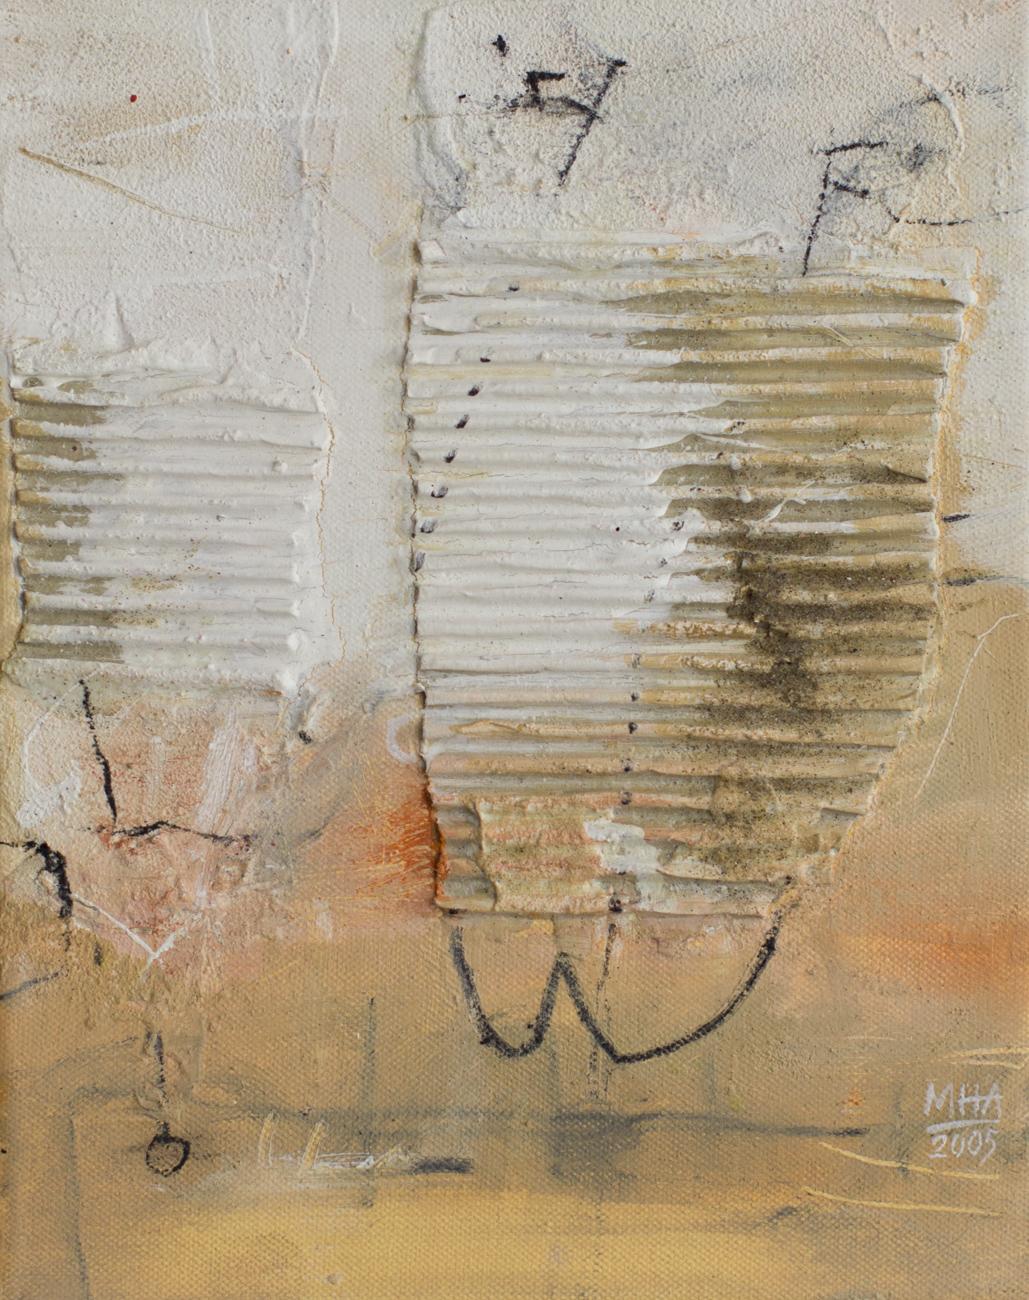 Spaß ,2005,Collage mit Acryl auf Leinwand, 24x30 cm